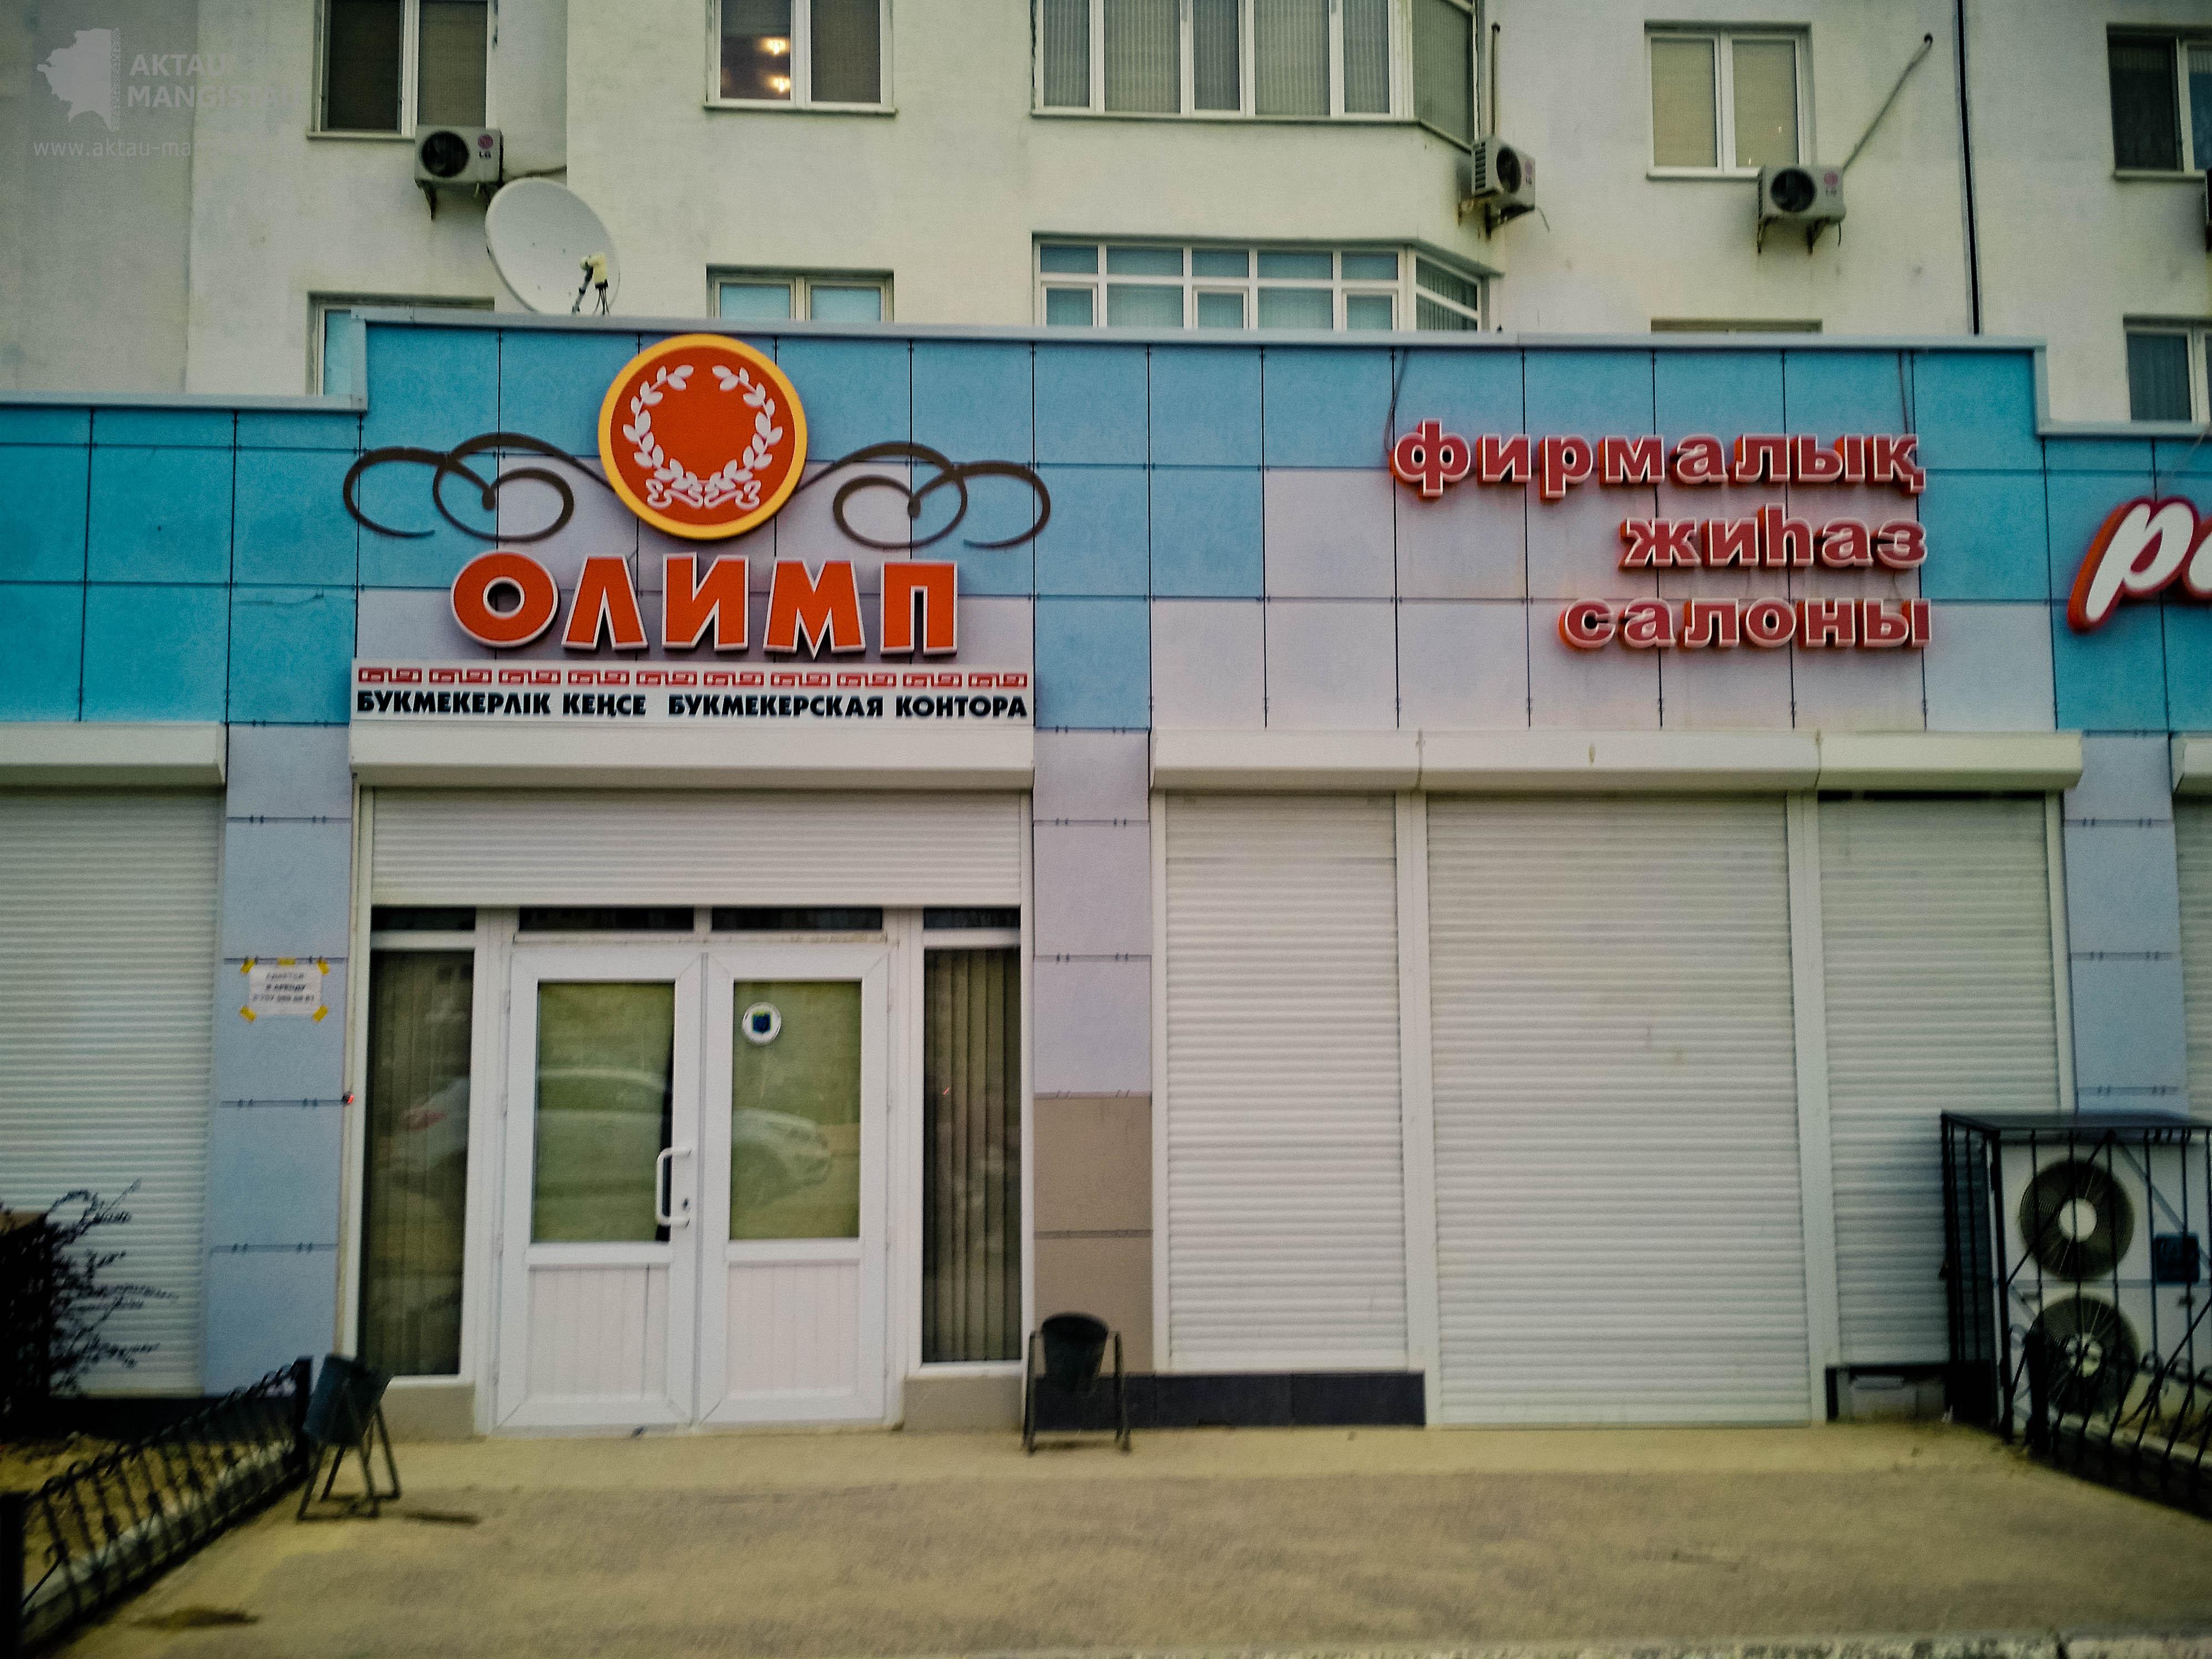 Букмекерская контора олимп в актау